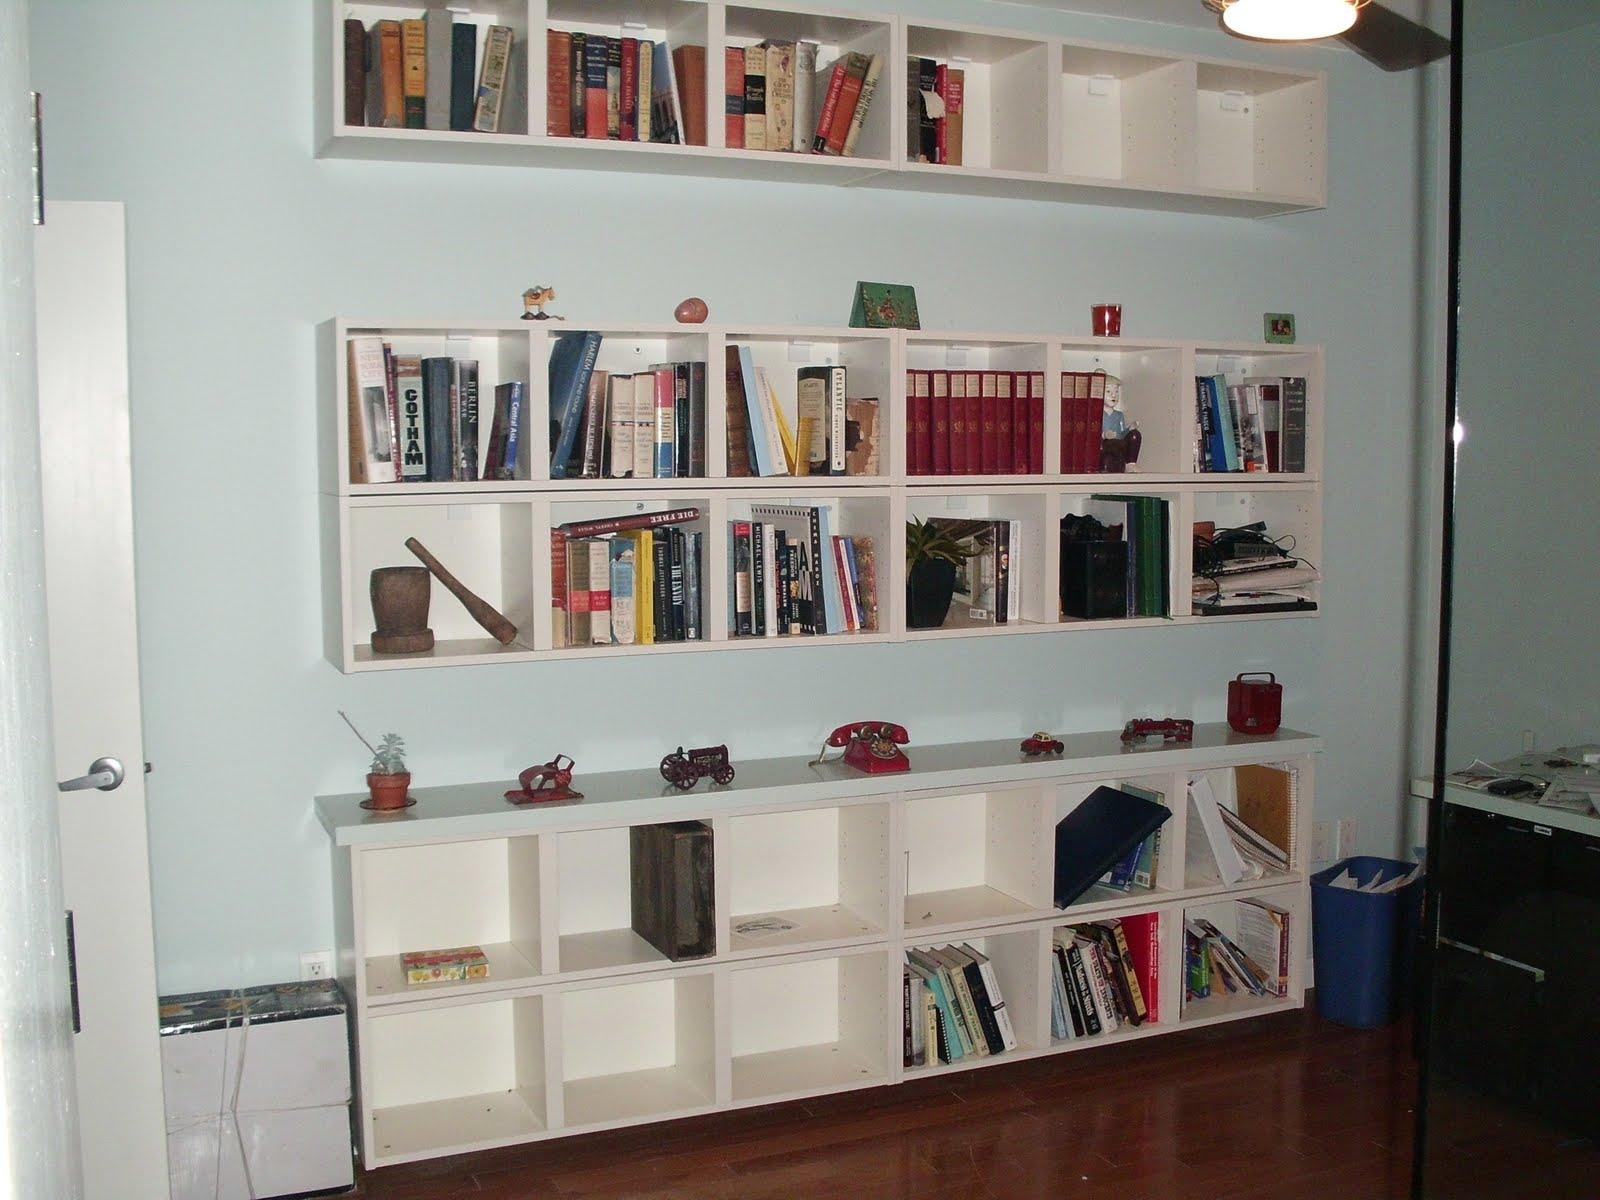 Deep Floating Wall Shelves (13 Image) | Wall Shelves